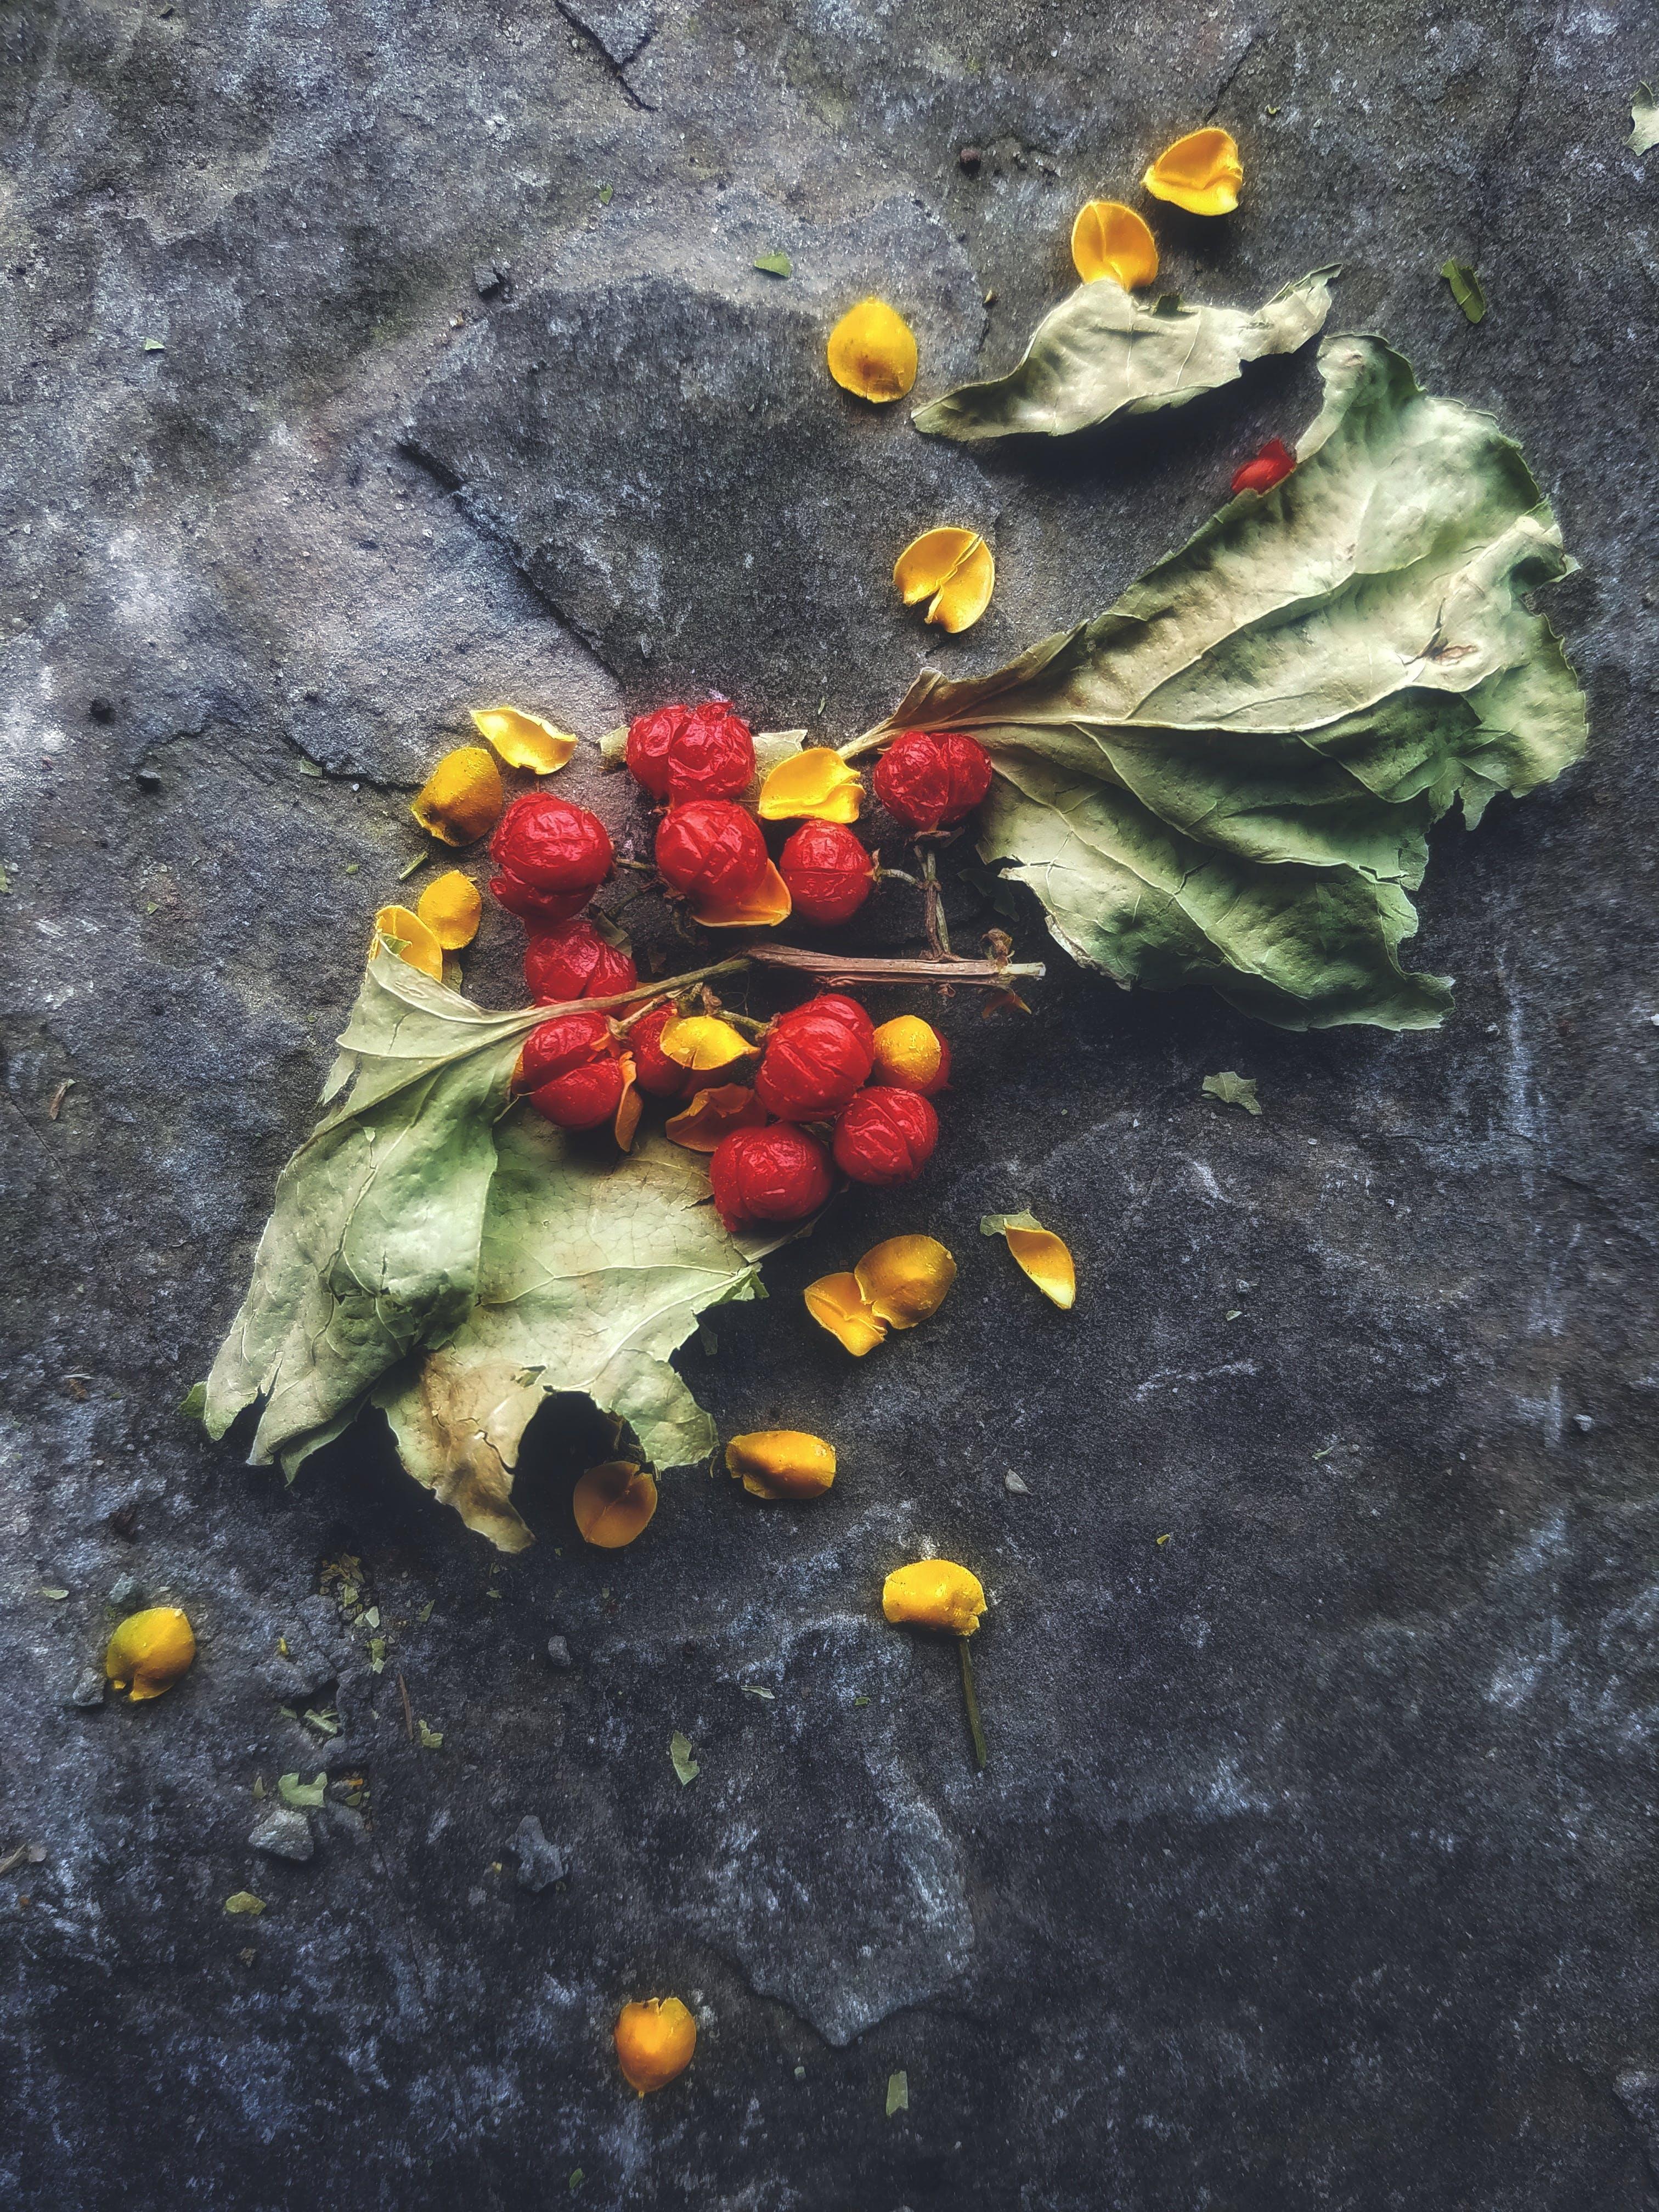 Δωρεάν στοκ φωτογραφιών με καρπός, ξηρά φύλλα